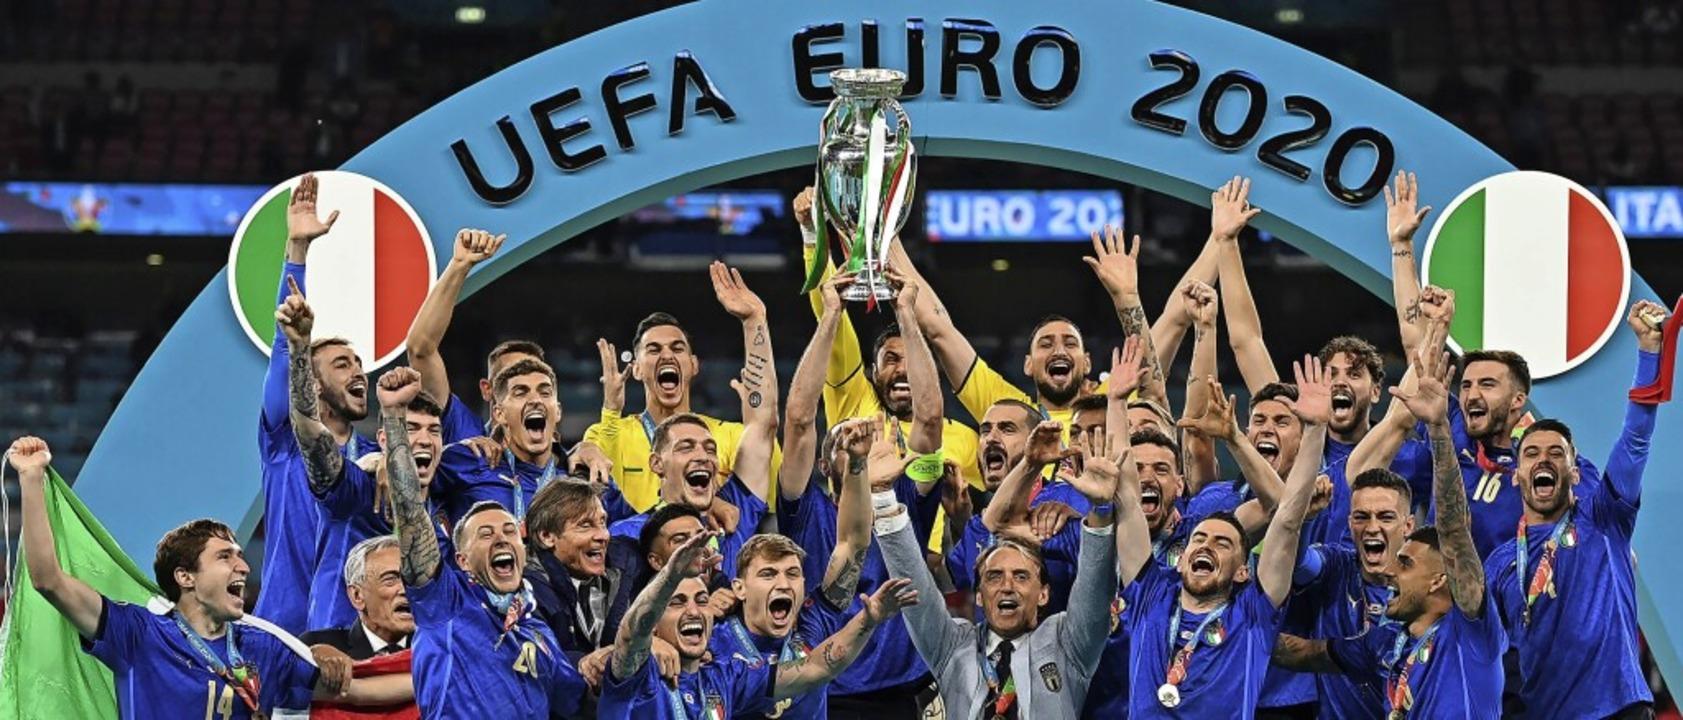 So sehen Sieger aus: die italienischen...er beim finalen Turnier-Foto mit Pokal    Foto: Michael Regan (dpa)